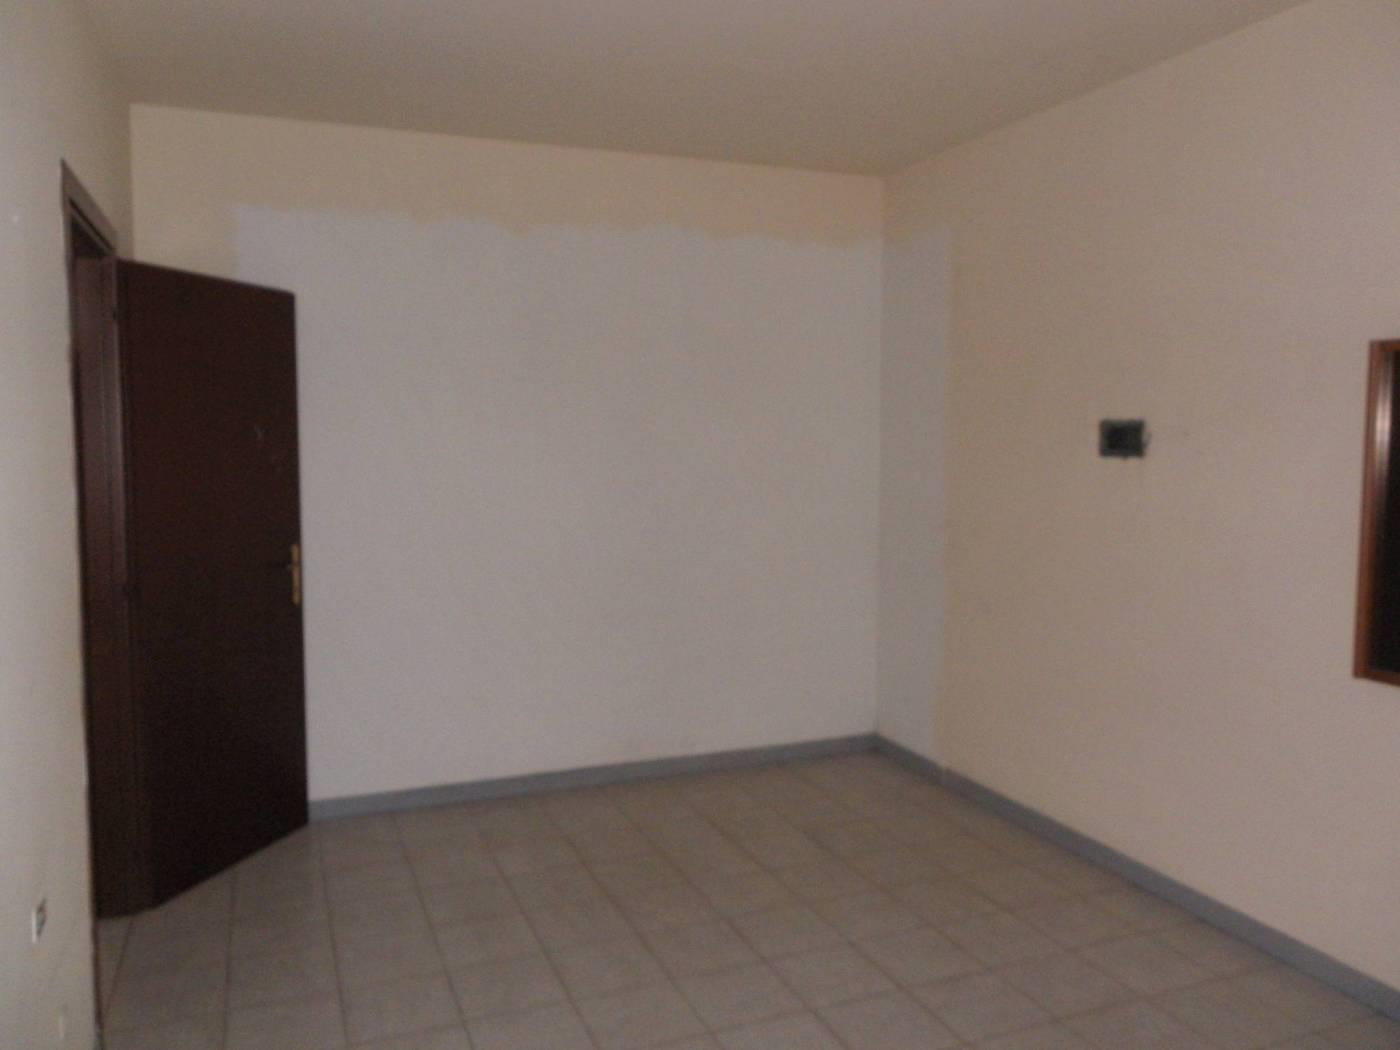 Foto 15 - Appartamento in Vendita - Mezzago (Monza e Brianza)